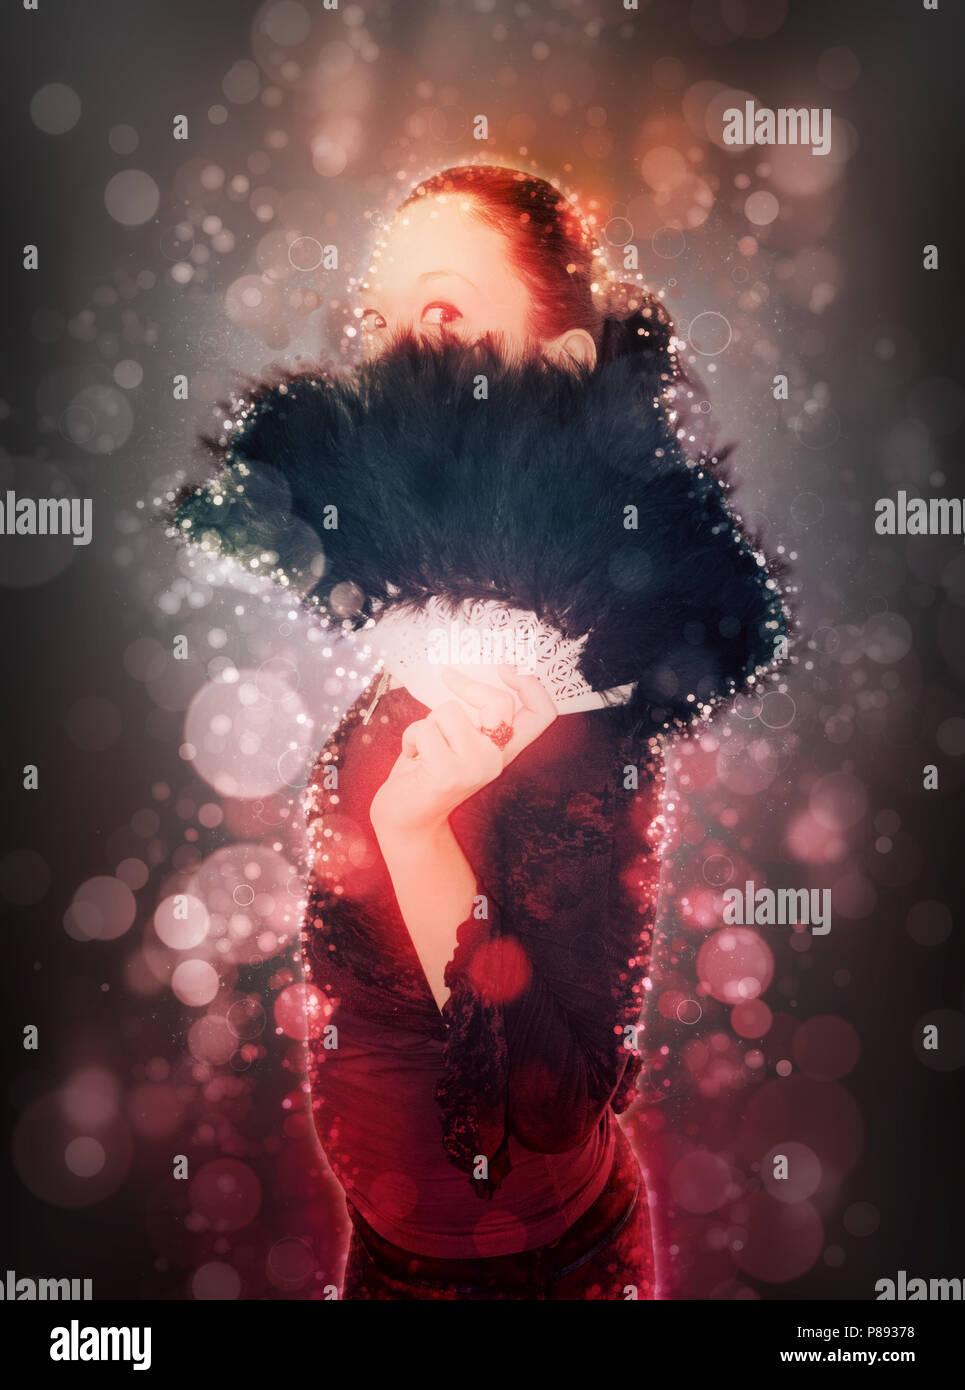 Amélioration de l'image numérique d'une jeune adolescente gothique se cacher derrière un ventilateur à plumes noir - Autorisation Modèle disponible Photo Stock